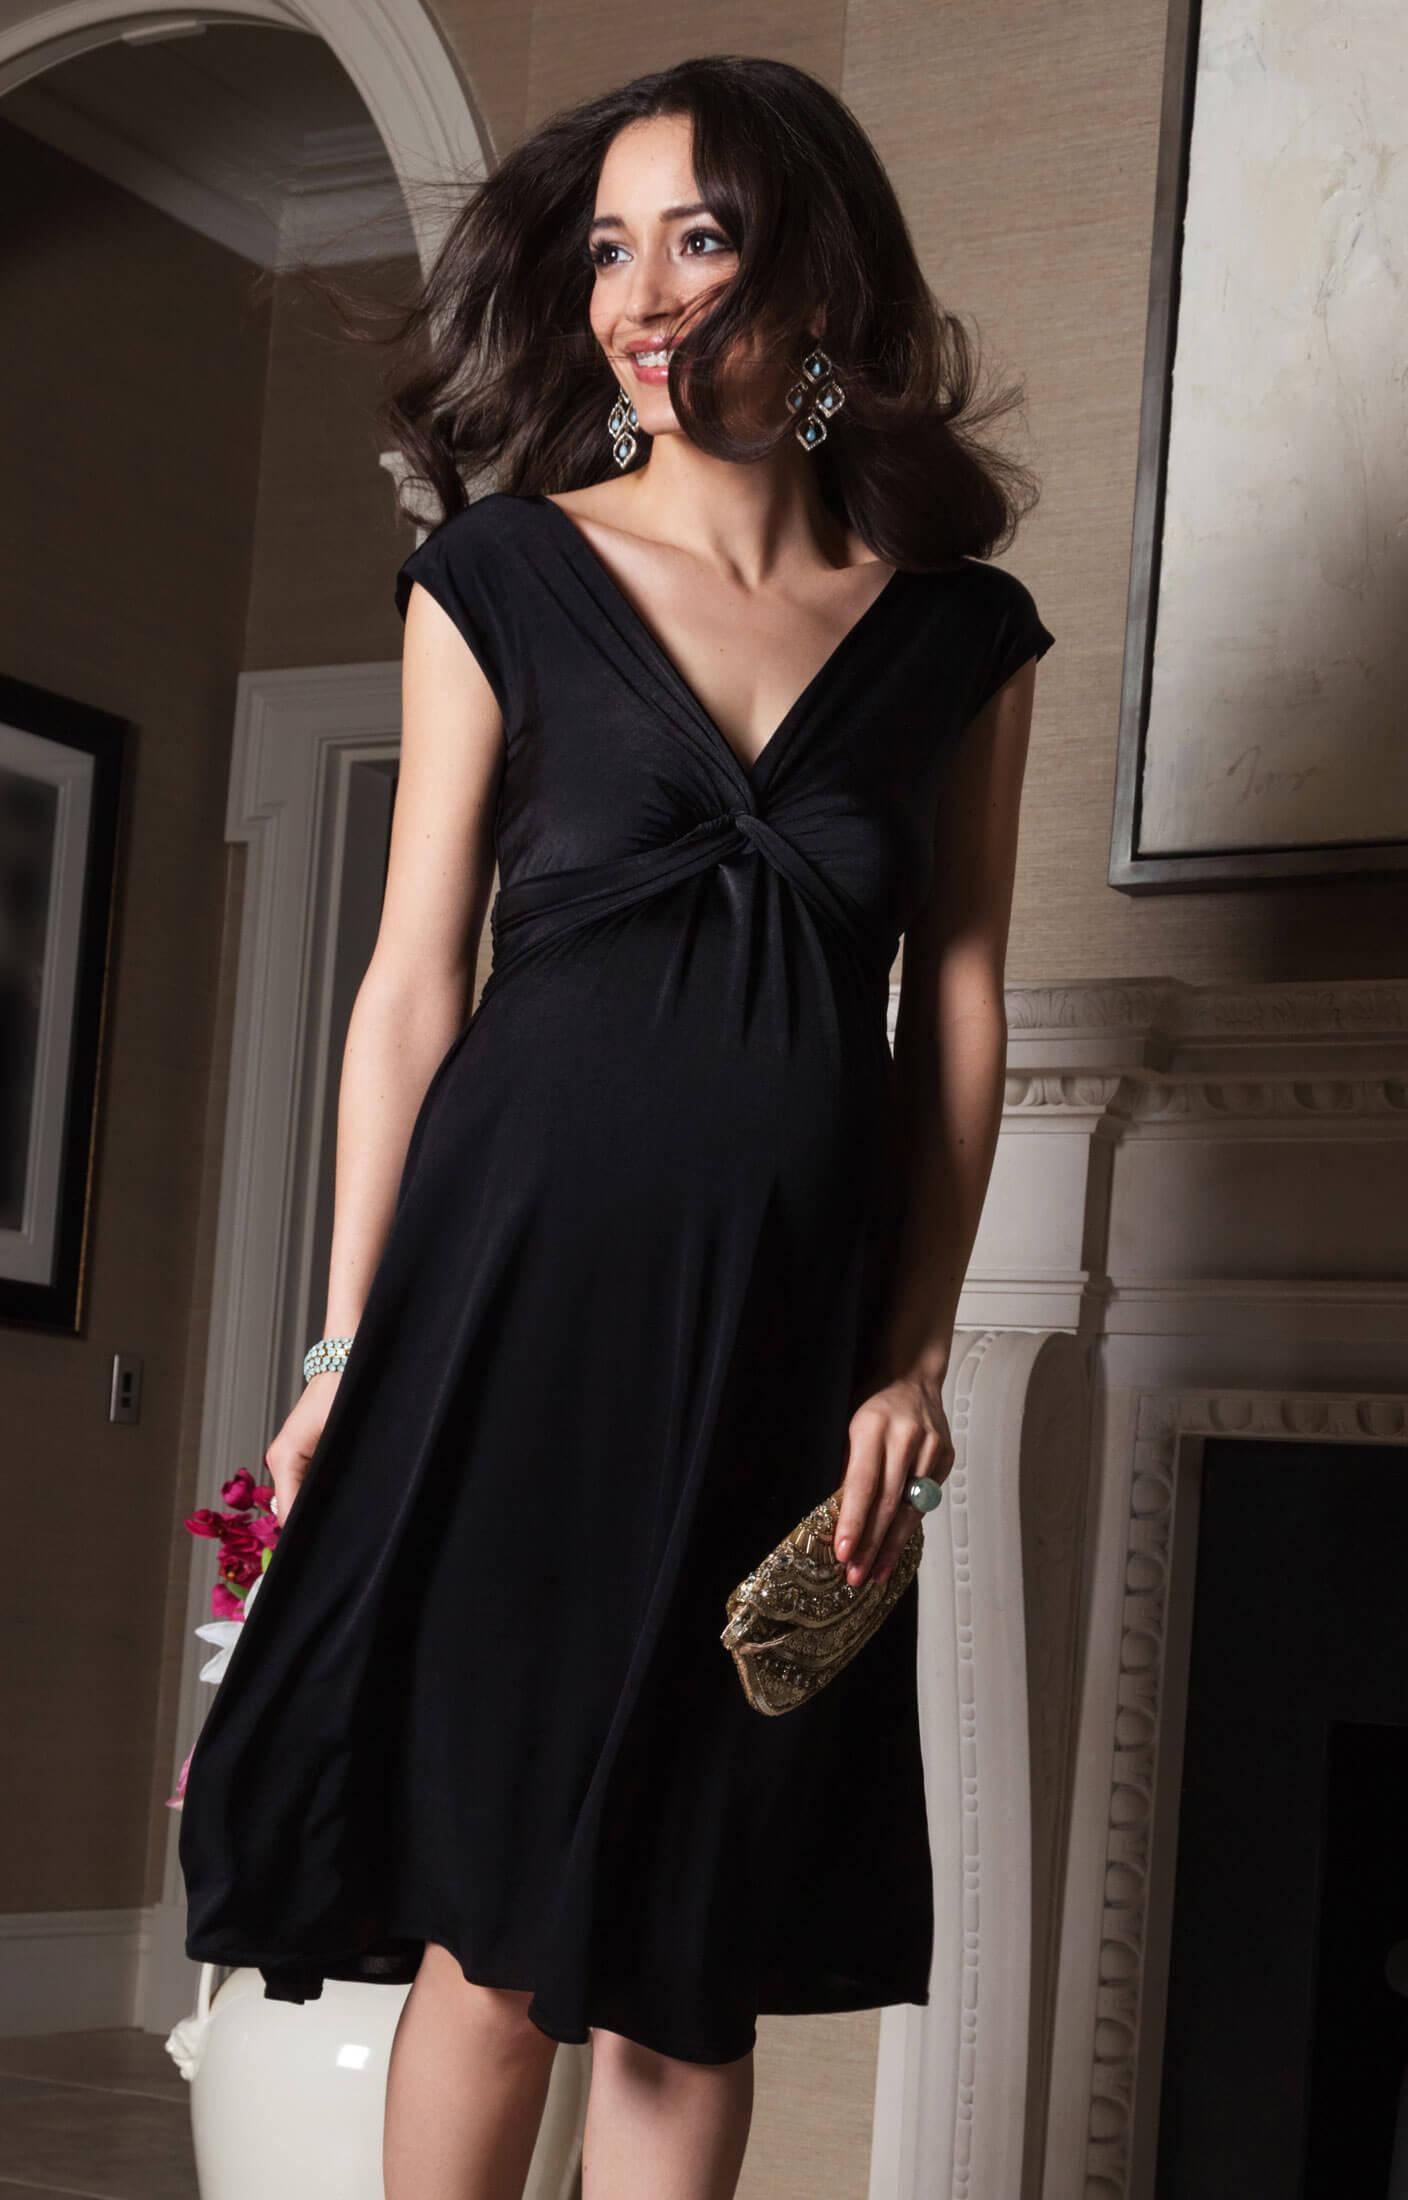 Clara Maternity Dress Short Black By Tiffany Rose